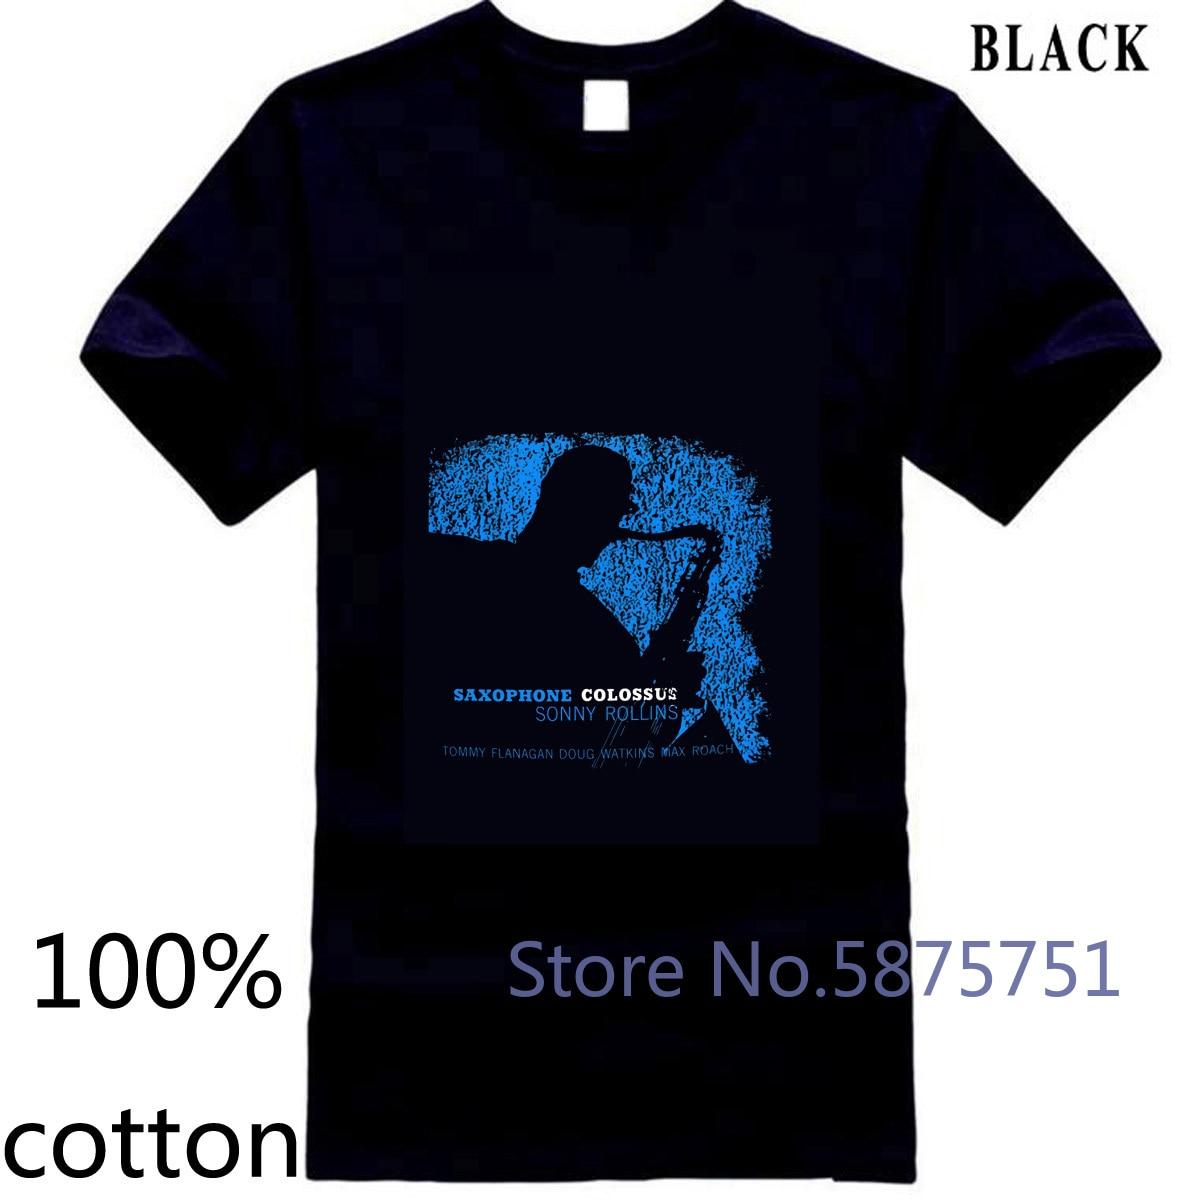 Sonny Rollins estampado gráfico negro Retro Jazz música artista 4-A-166 hombres marca camiseta de los hombres tops camisetas 100% algodón